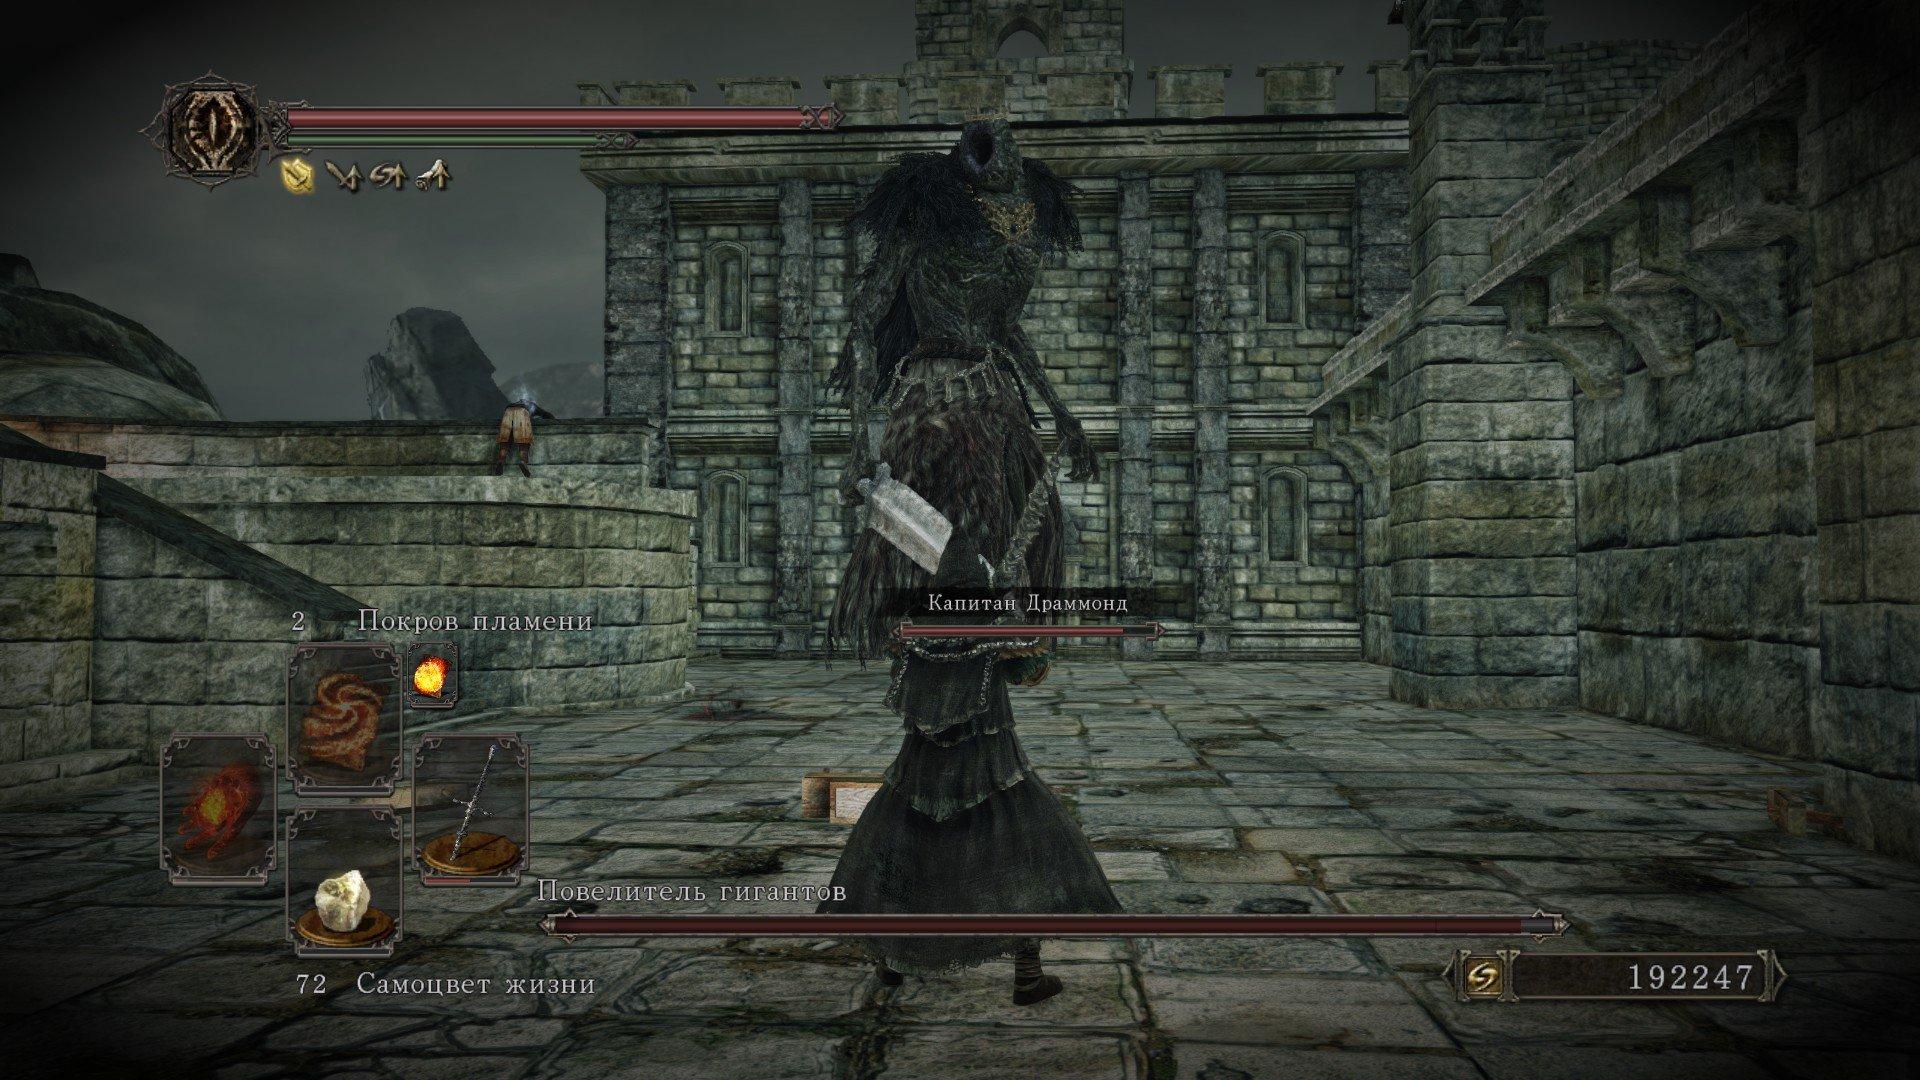 Вопль-прохождение Dark Souls 2 ... получилось много скриншотов -_- - Изображение 21